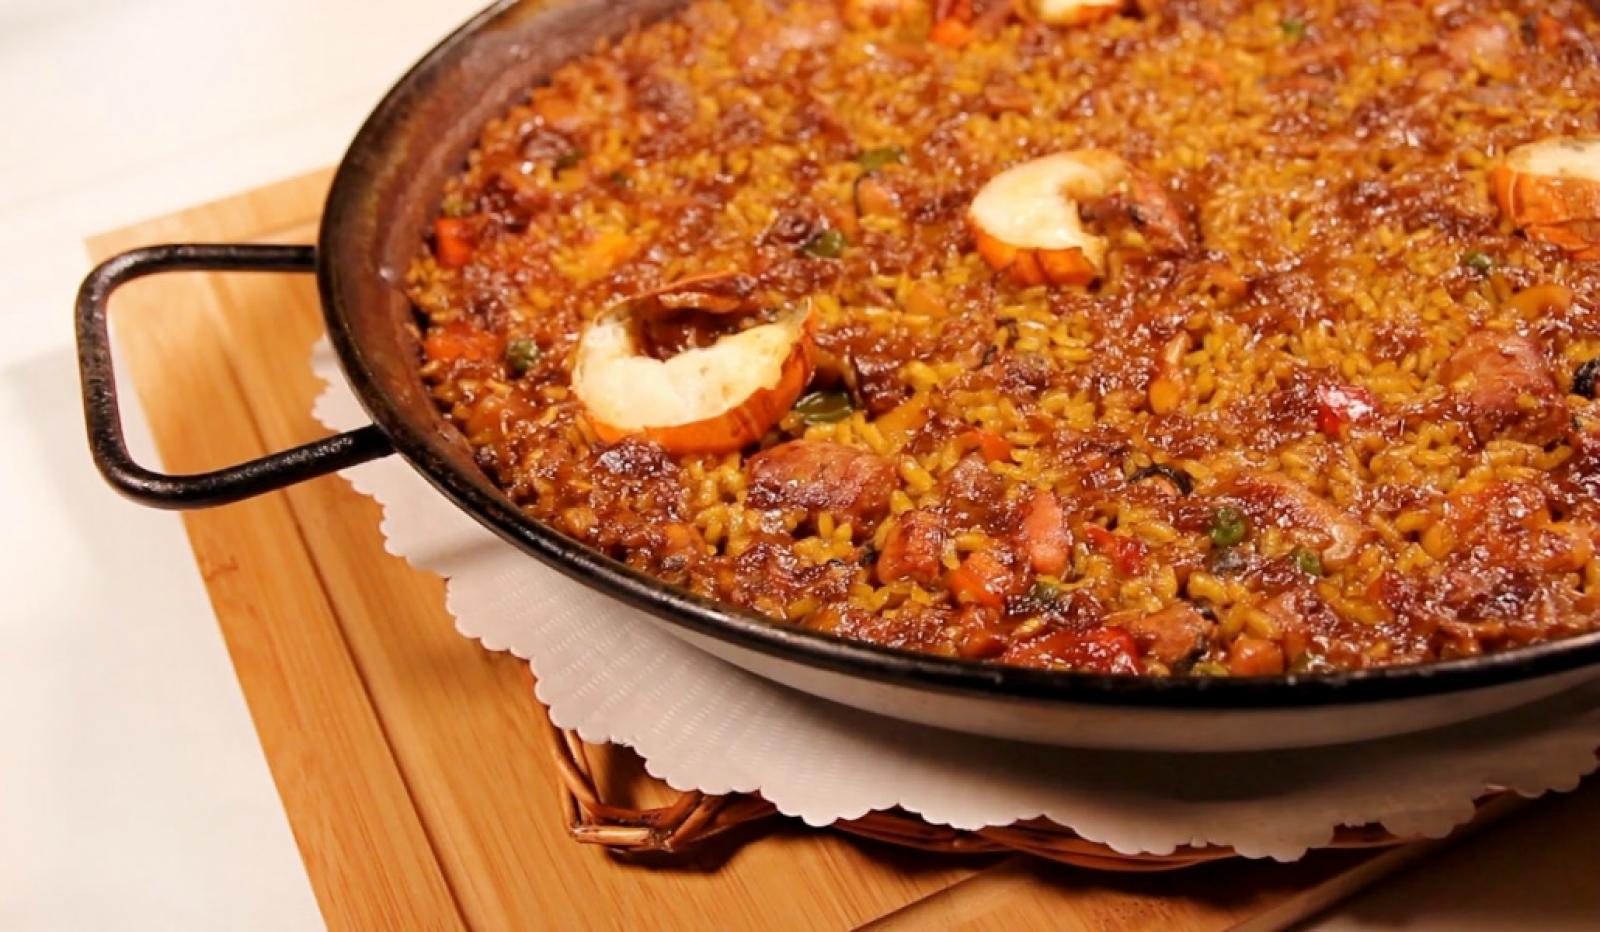 L'arròs parellada, també conegut com arròs del senyoret, es caracteritza perquè els seus ingredients amb closca ja estan pelats